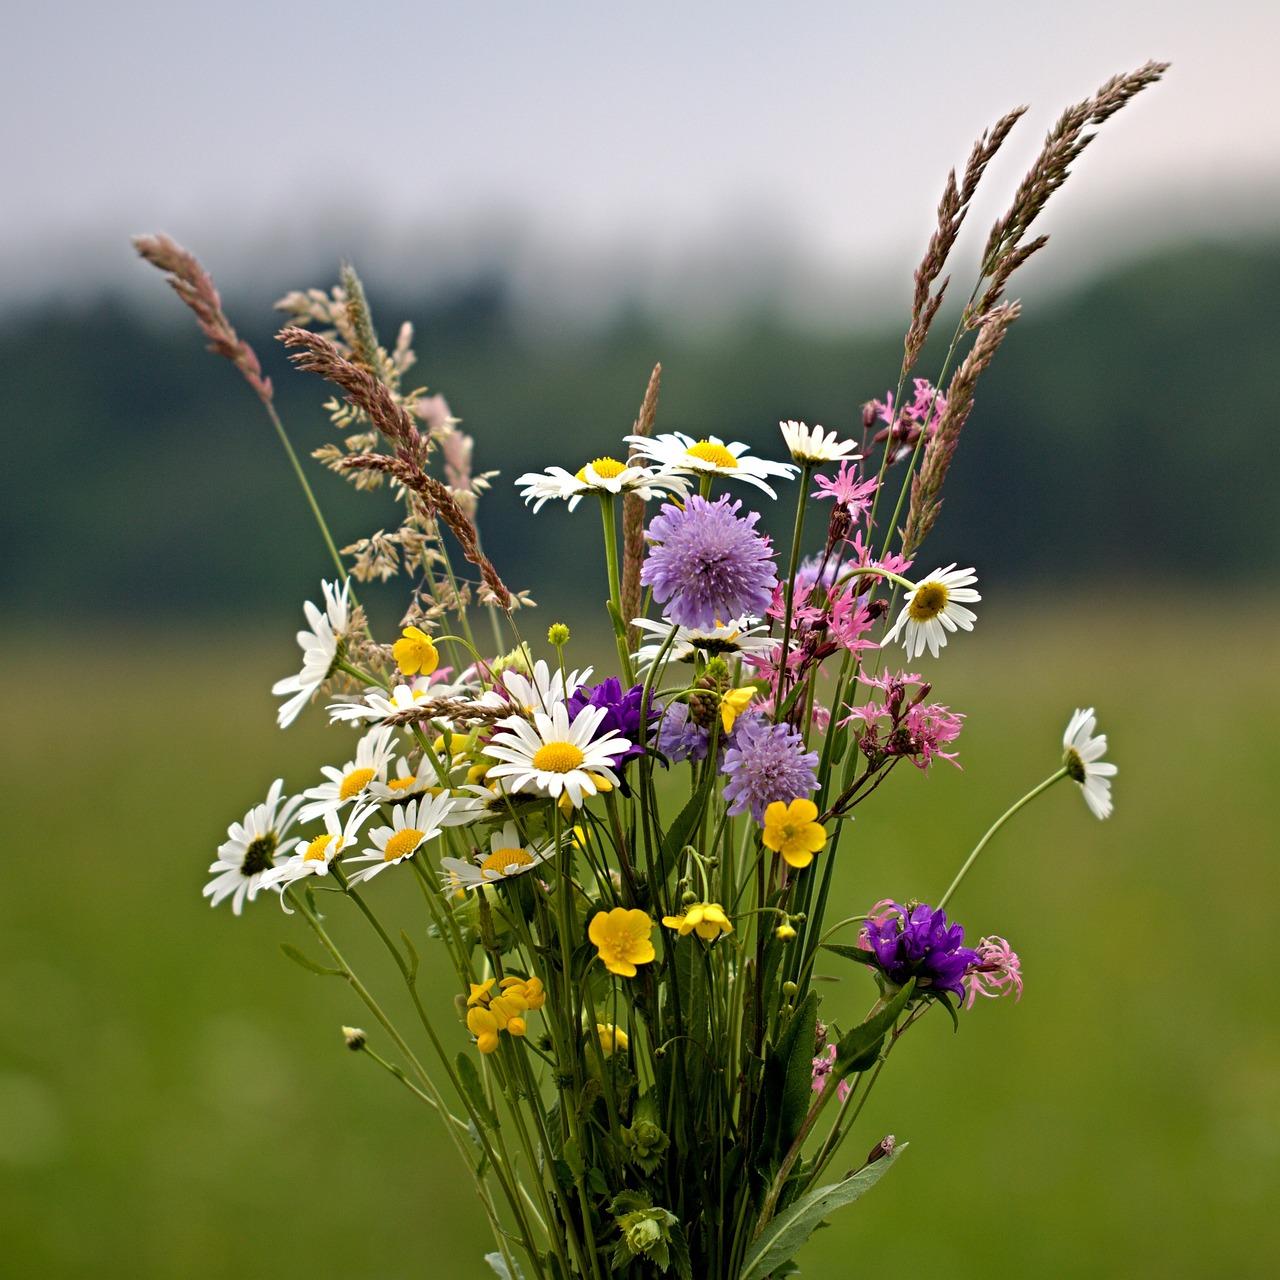 некоторых полевые цветы большие картинки функцию увеличения масштаба